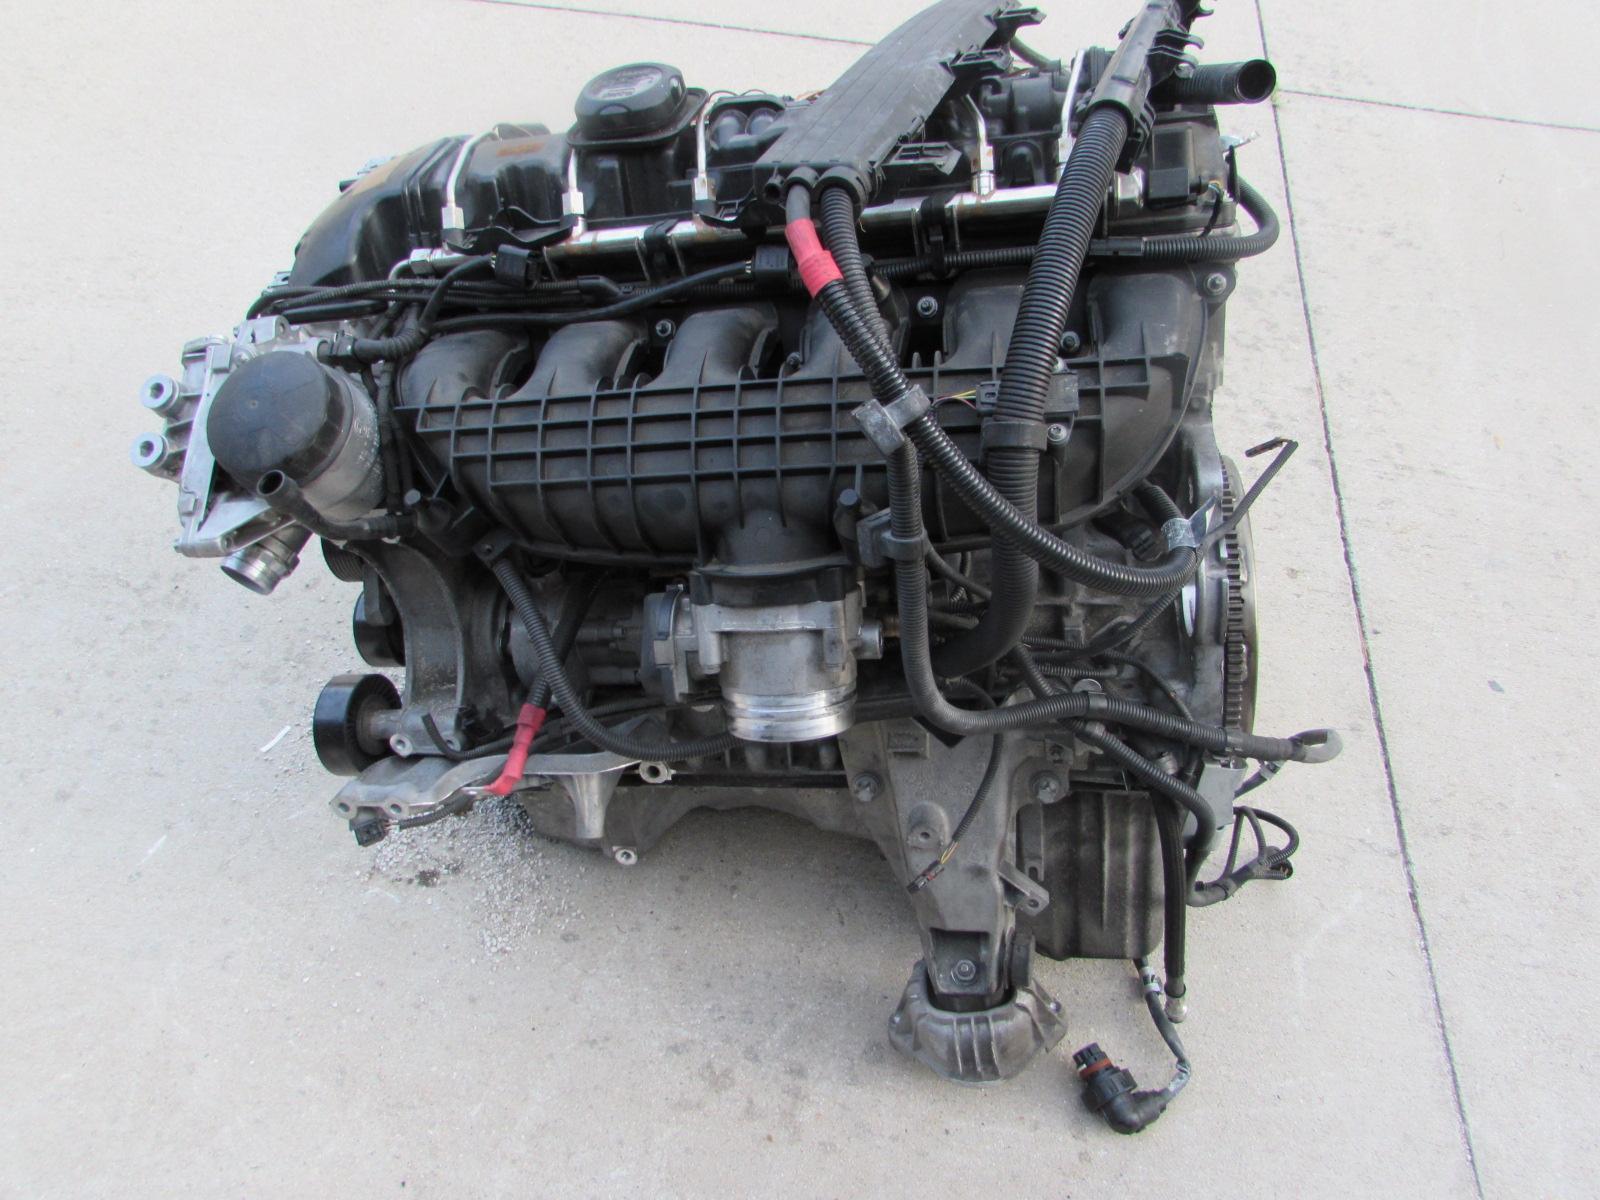 Bmw N54 Engine Motor 3 0l 6 Cylinder Rwd Bi-turbo 11000415044 E90 E92 E93 335i E82 135i